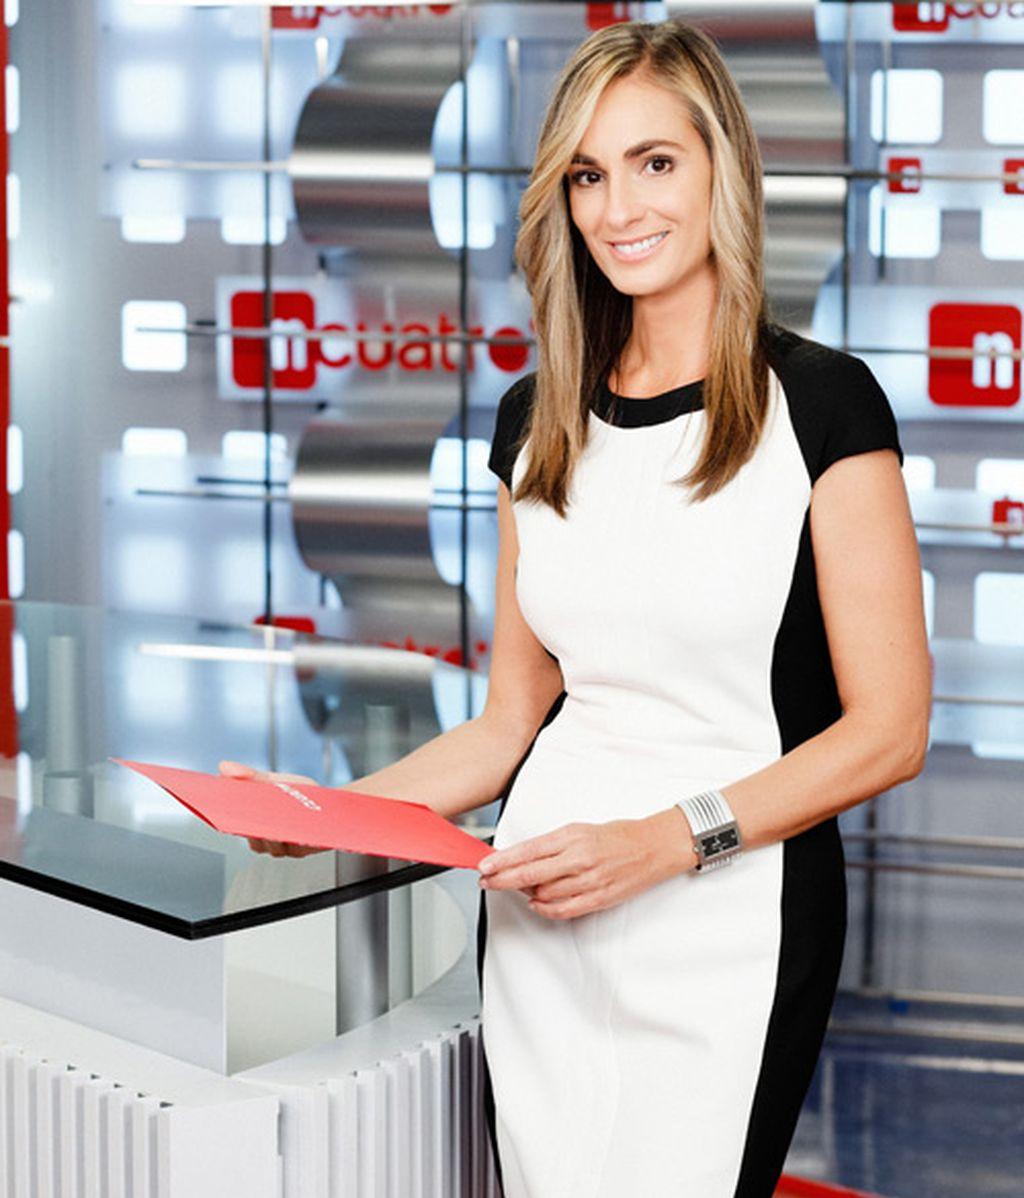 Lo que nadie sabe del vestuario de los informativos de Mediaset